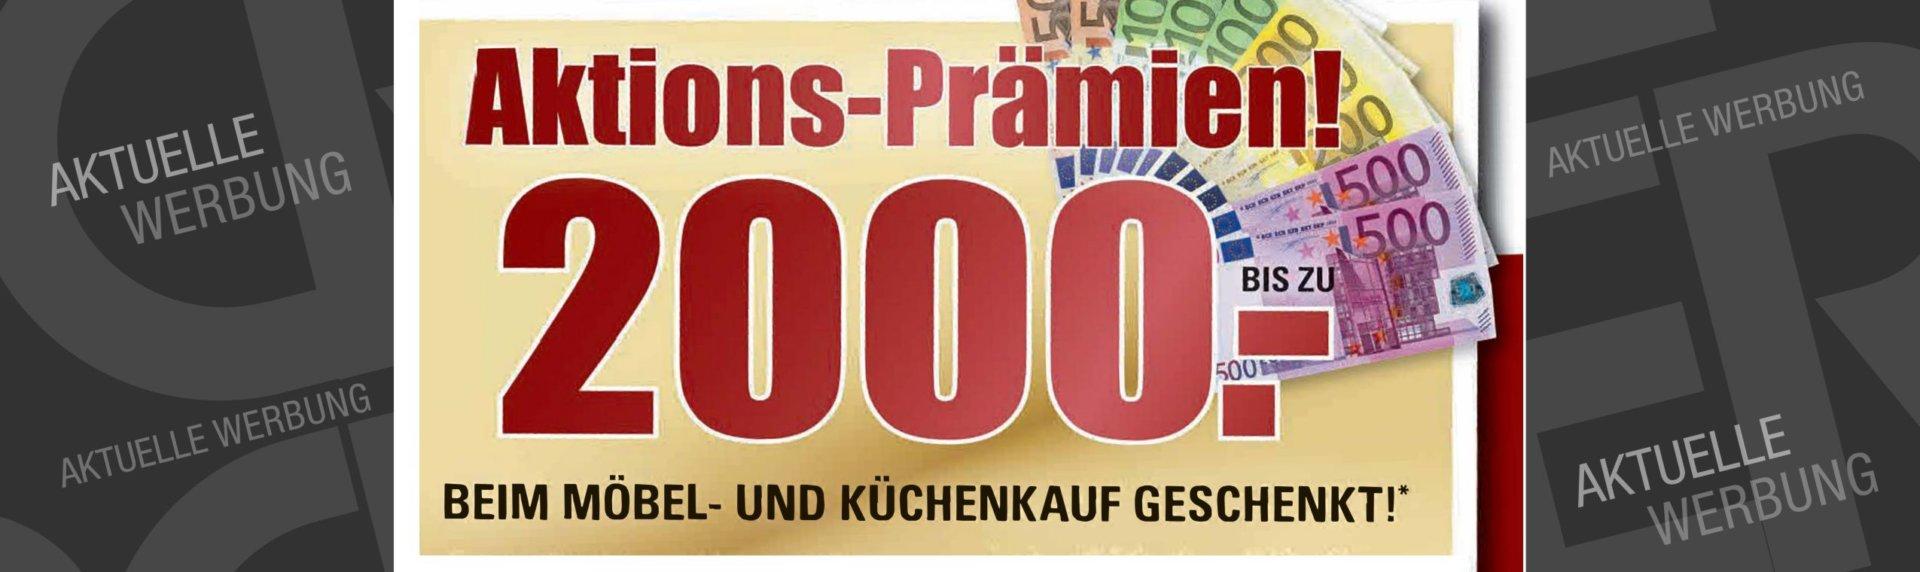 Aktuelle Werbung 201810 Attraktive Prämien Aktion Möbel Und